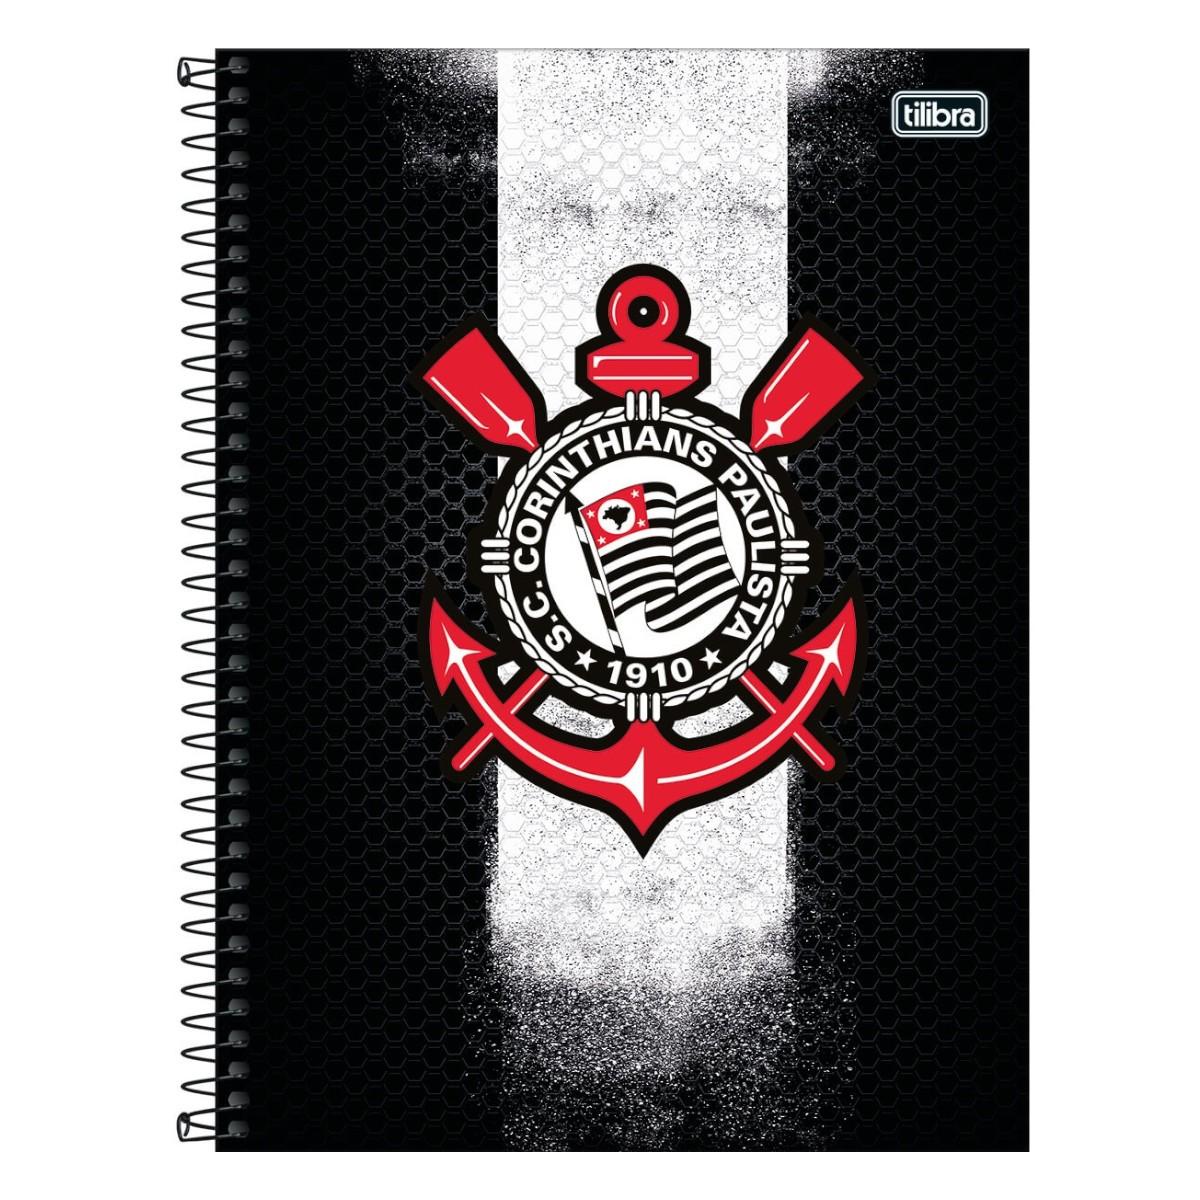 Caderno Escolar 10 Matérias Corinthians 160 Folhas Tilibra